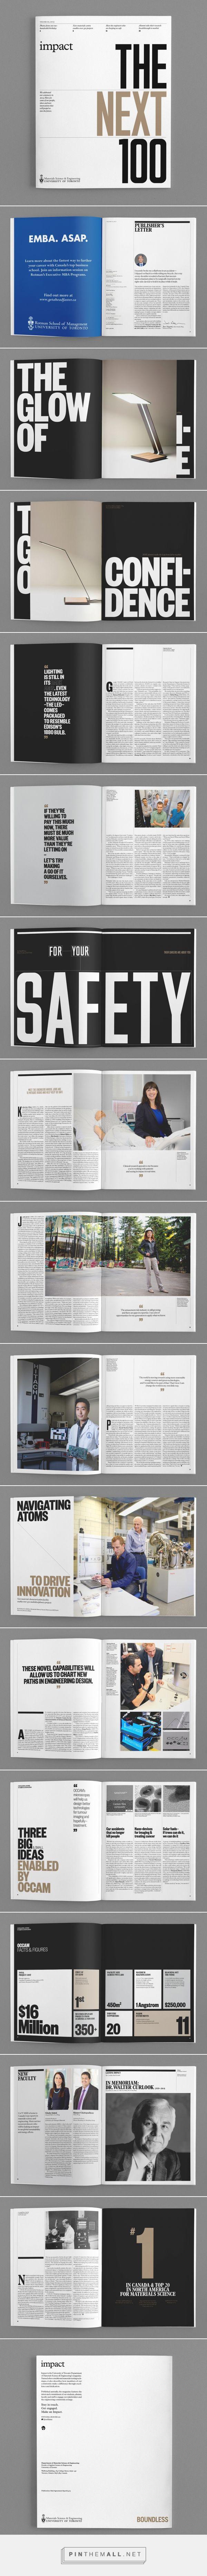 Impact Magazine, Issue 3 on Behance